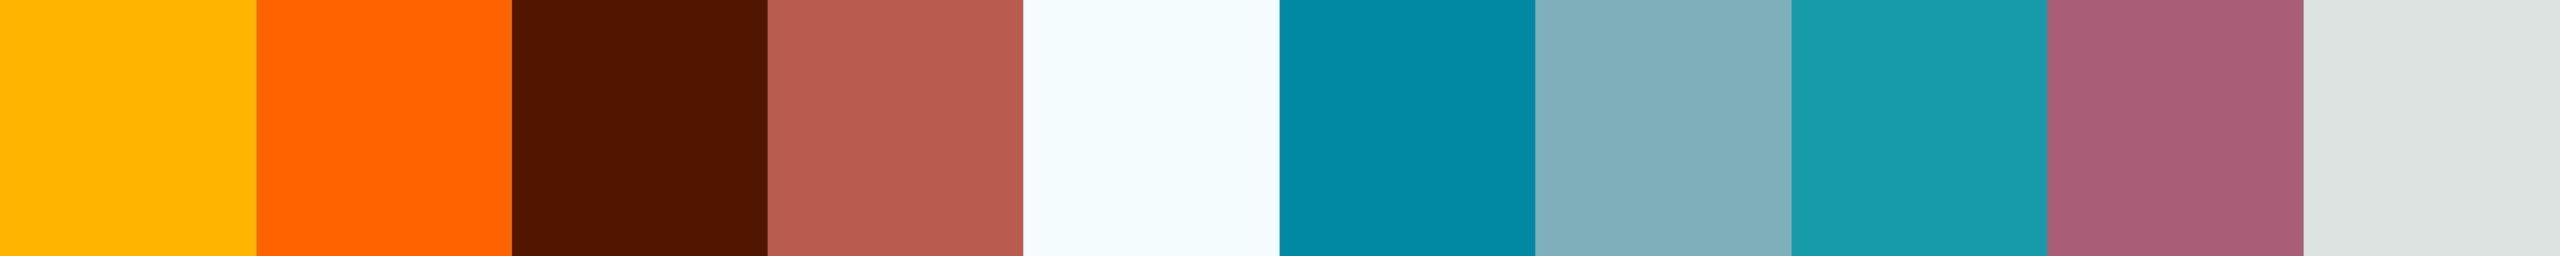 265 Coquana Color Palette